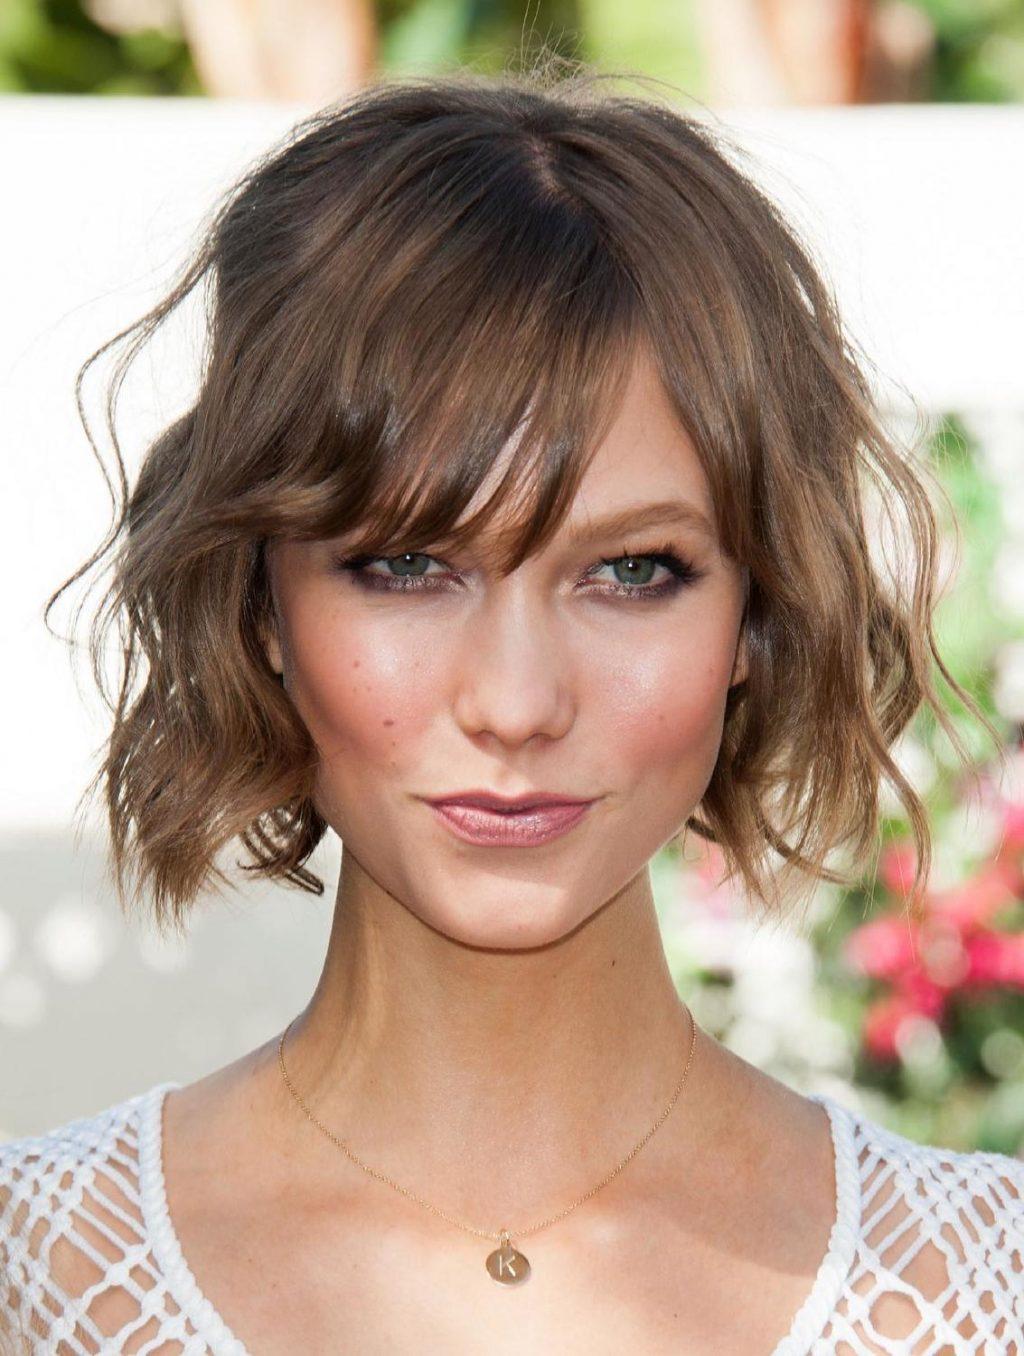 11 câu chuyện đằng sau mái tóc ngắn